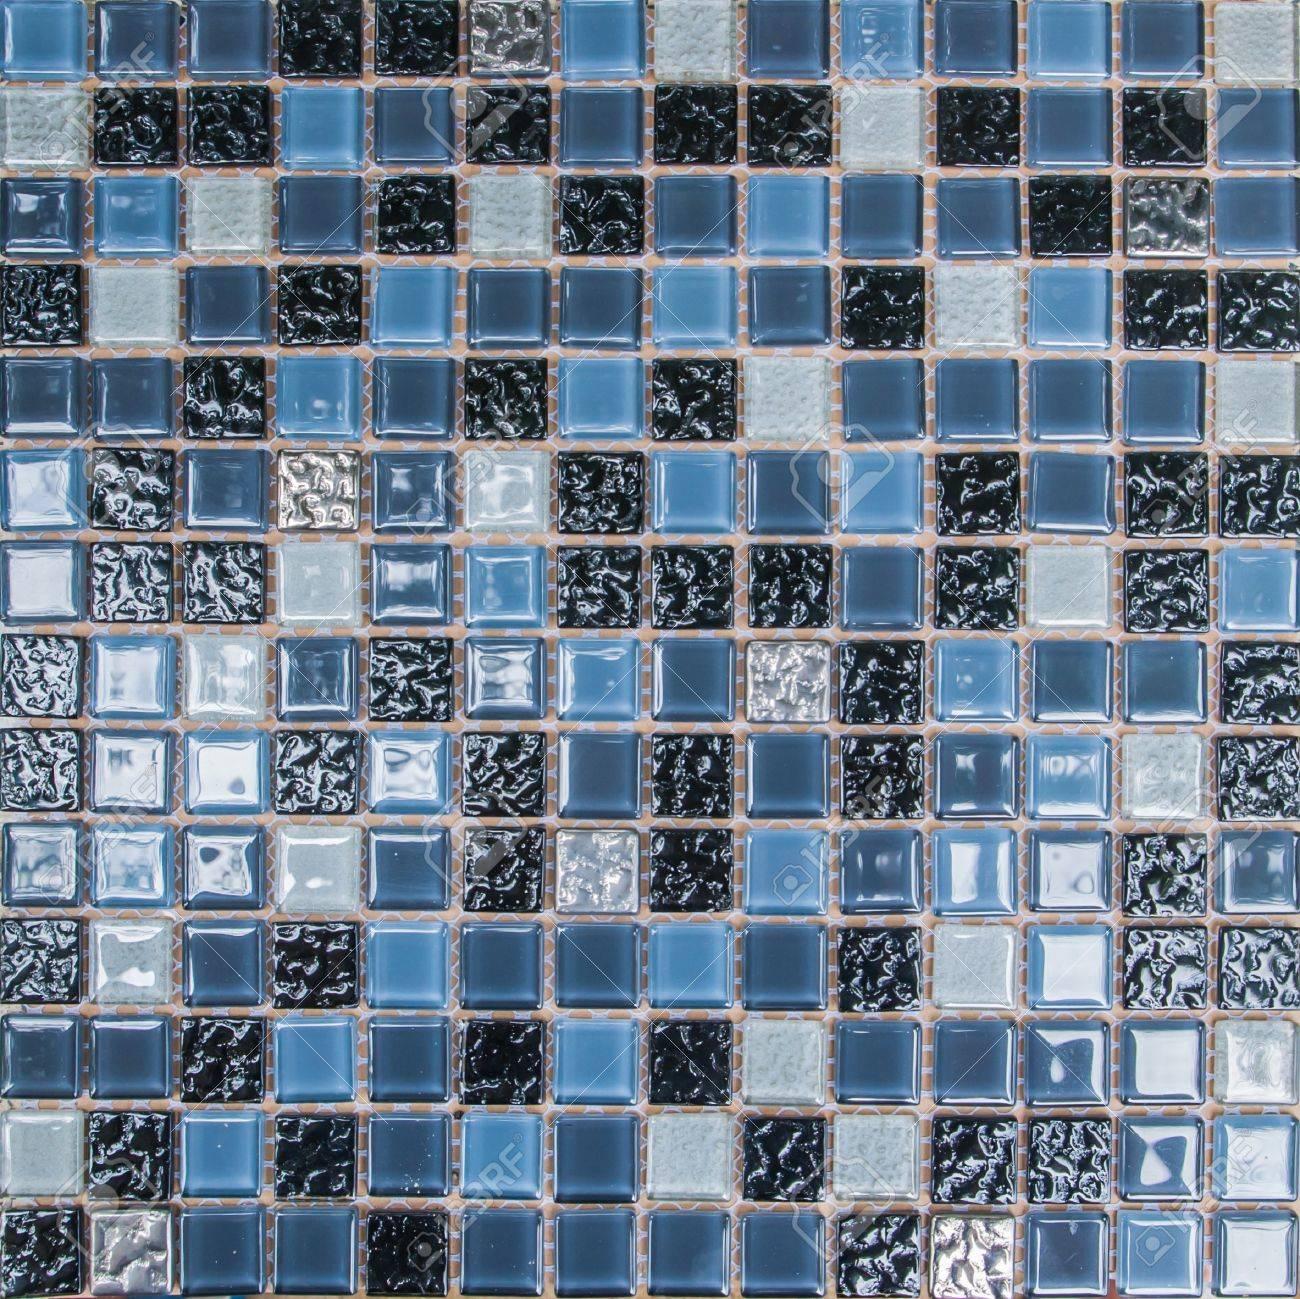 colorato mosaico di piastrelle in un bagno moderno foto royalty ... - Piastrelle Mosaico Bagno Moderno